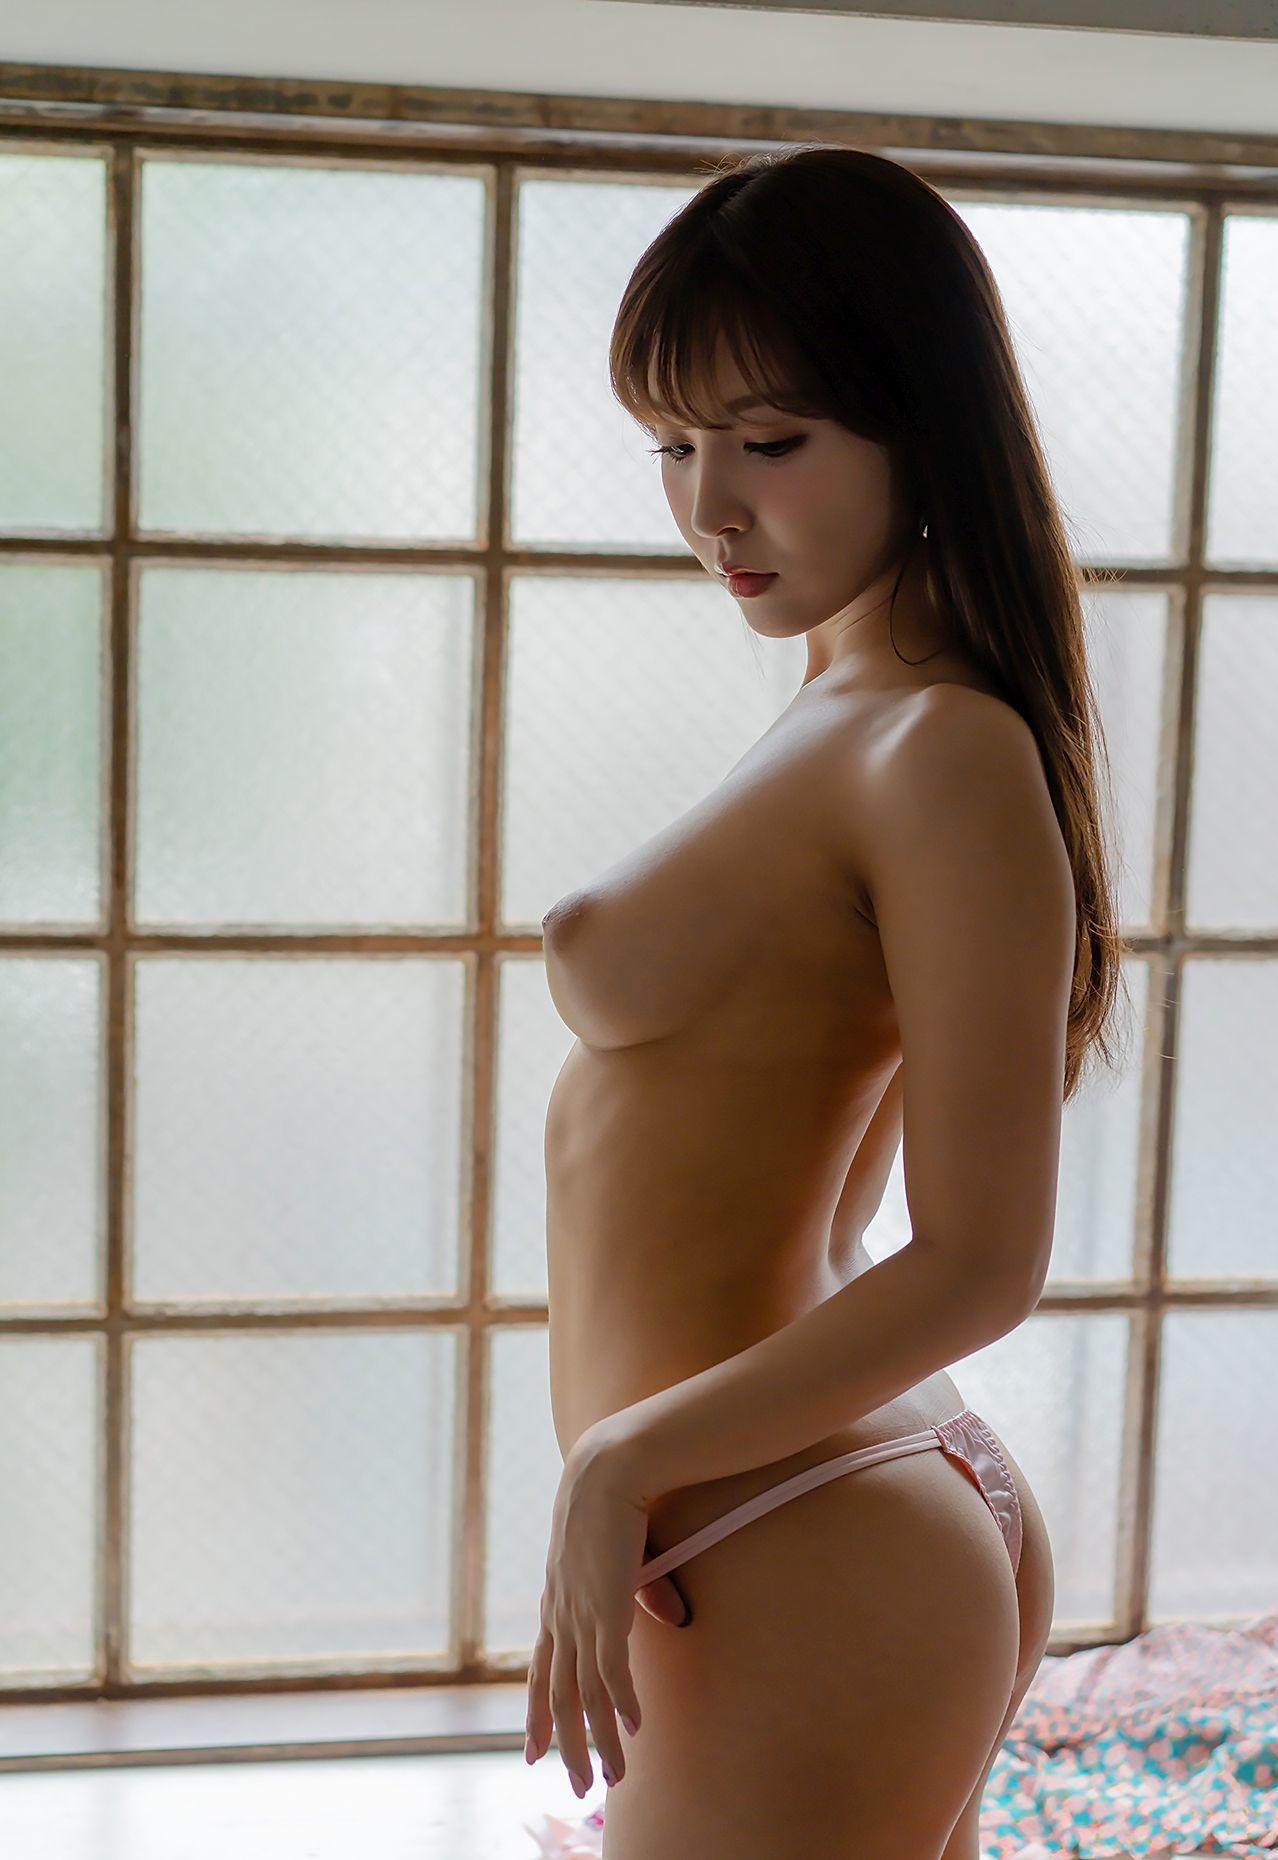 三次元 3次元 エロ画像 AV女優  三上悠亜 ヌード べっぴん娘通信 029